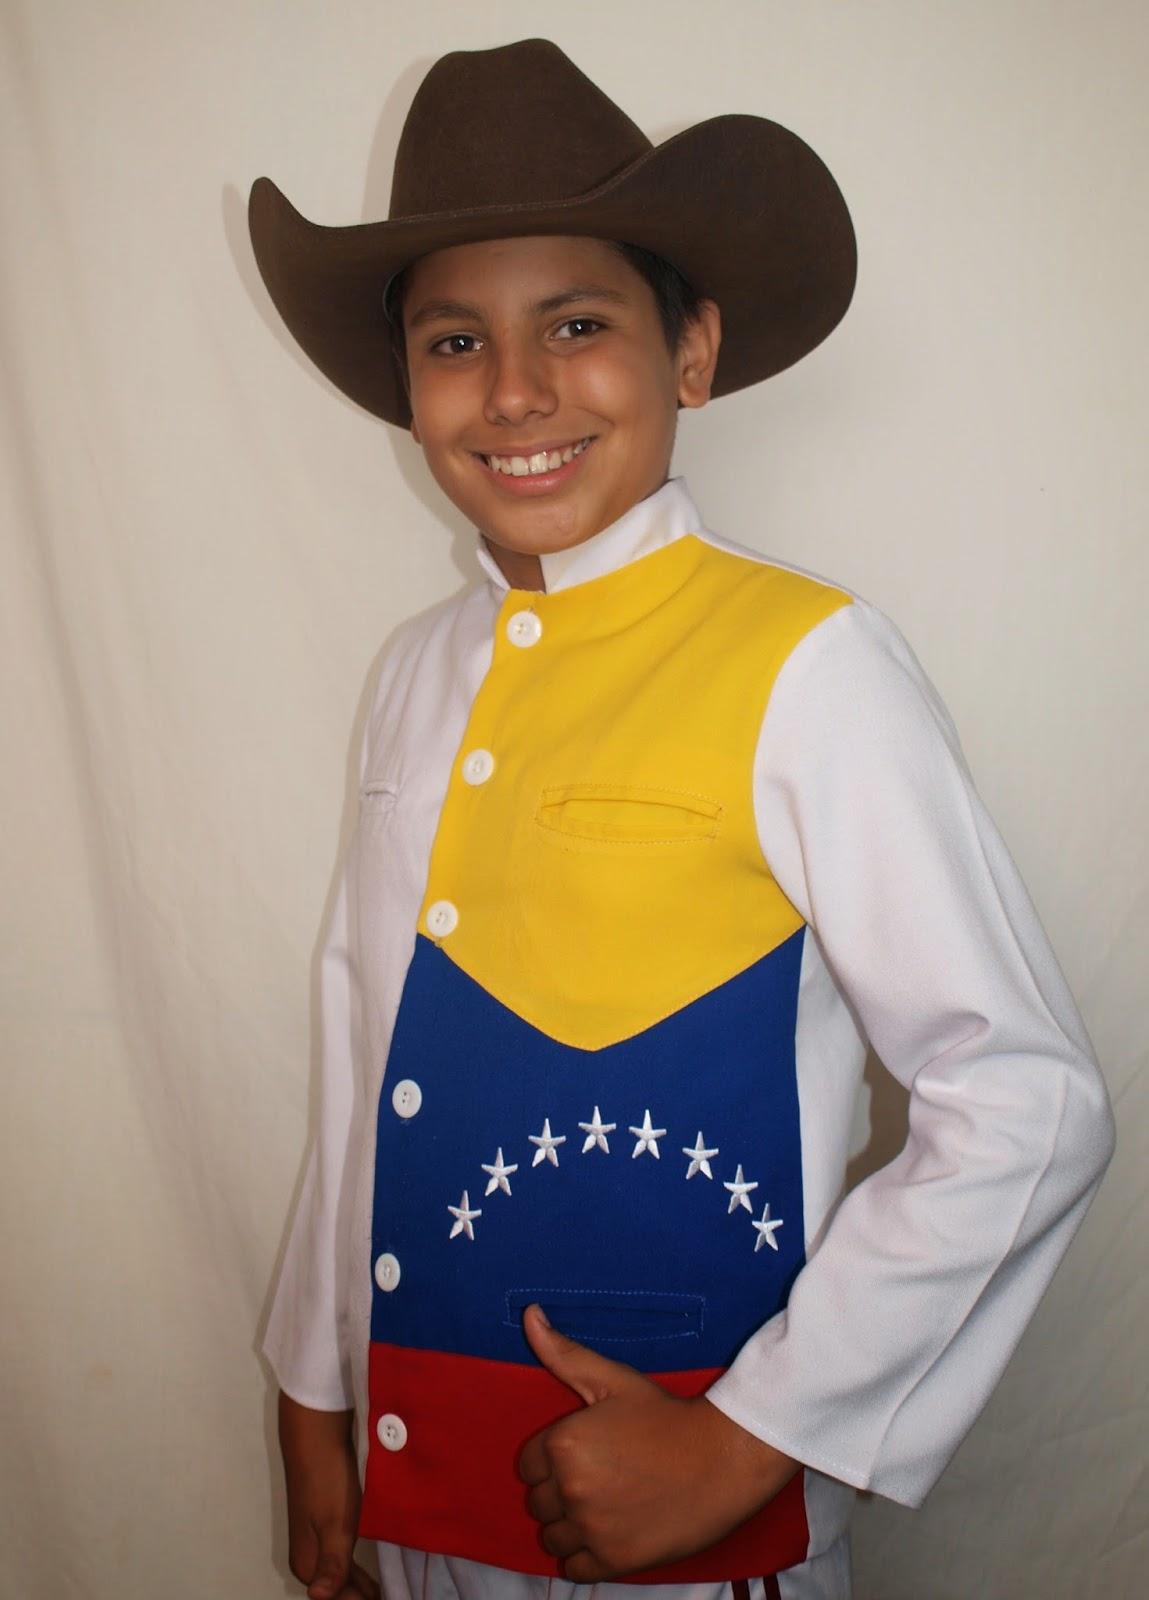 El príncipe del Folklor Isaías meza siembra el Folkor desde Carabobo para llano colombo,venezolano. Biografia.